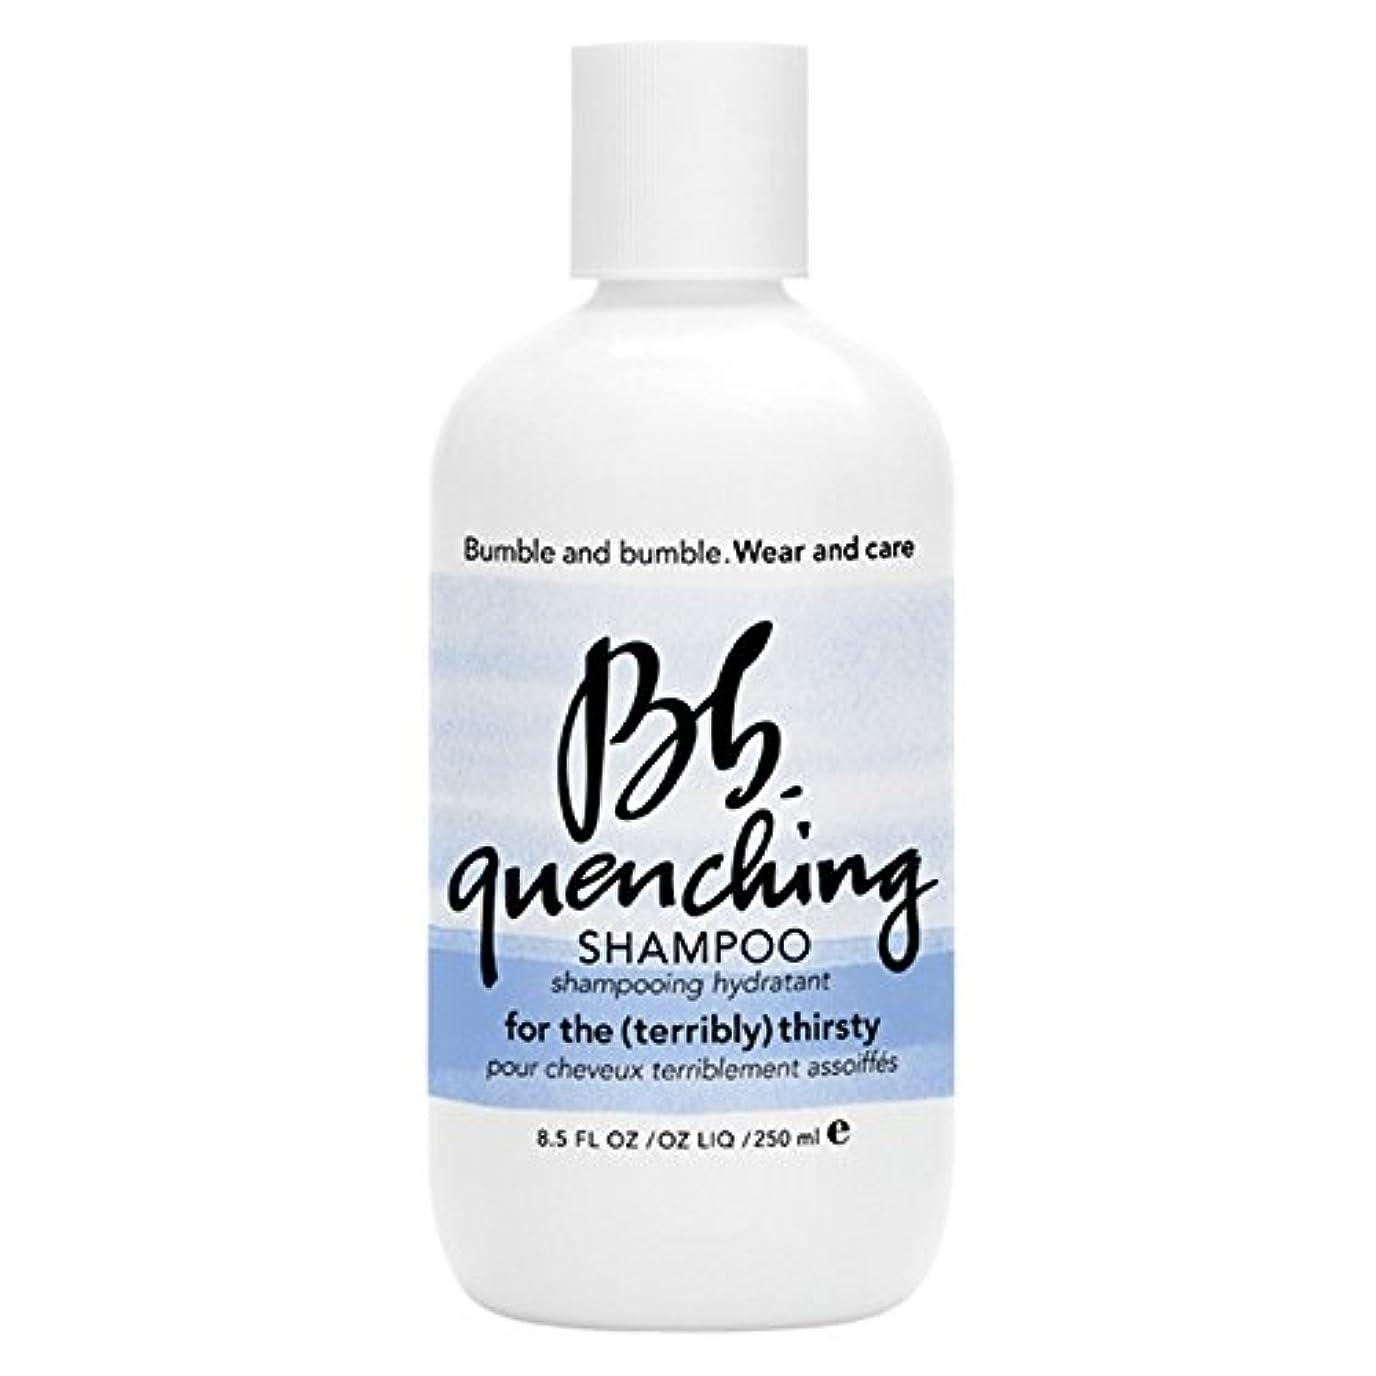 暗殺者調べるボイドバンブルアンドバンブル急冷シャンプー250ミリリットル (Bumble and bumble) (x2) - Bumble and bumble Quenching Shampoo 250ml (Pack of 2) [並行輸入品]